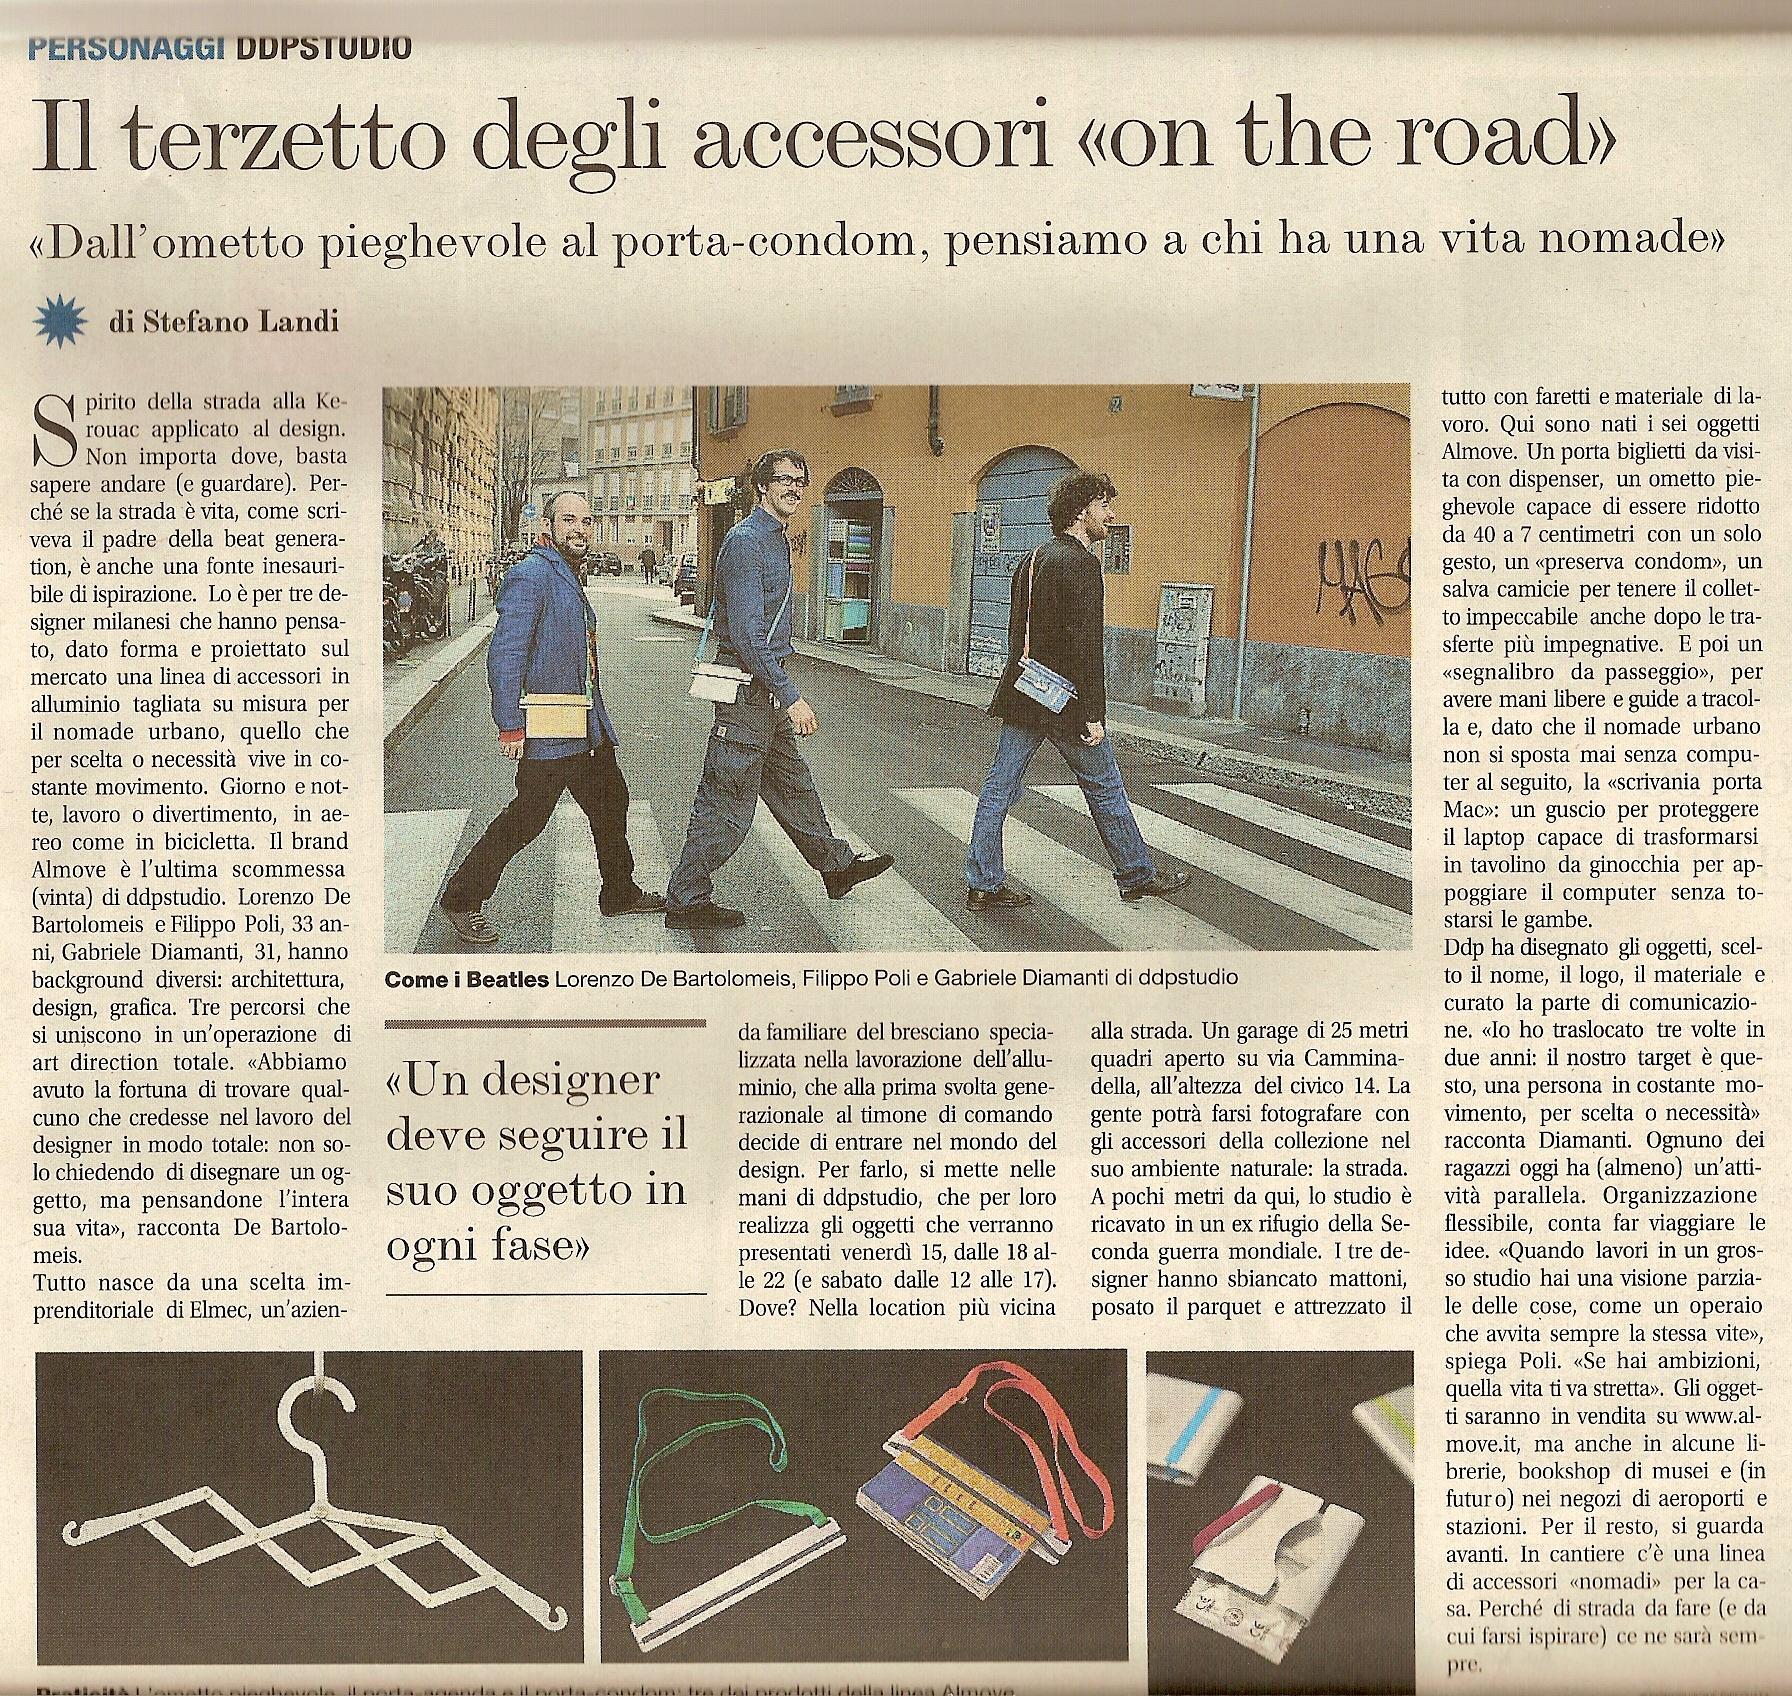 2011-04-12 Corriere Almove